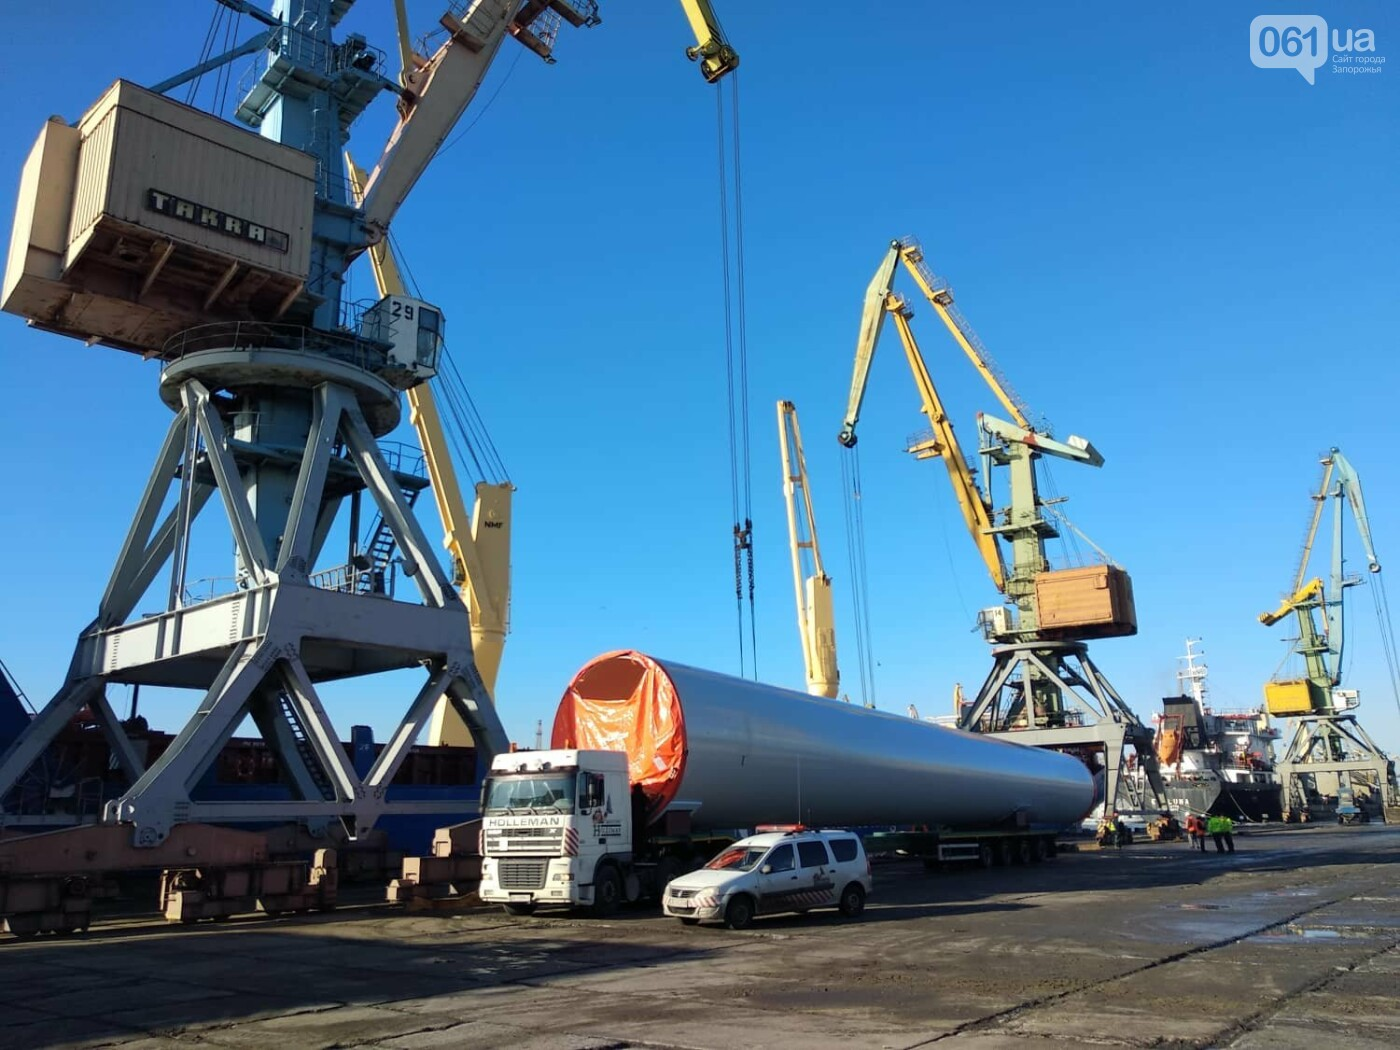 Бердянский морской порт разгружает 12-й корабль с оборудованием для ветроэлектростанции, - ФОТО, фото-3